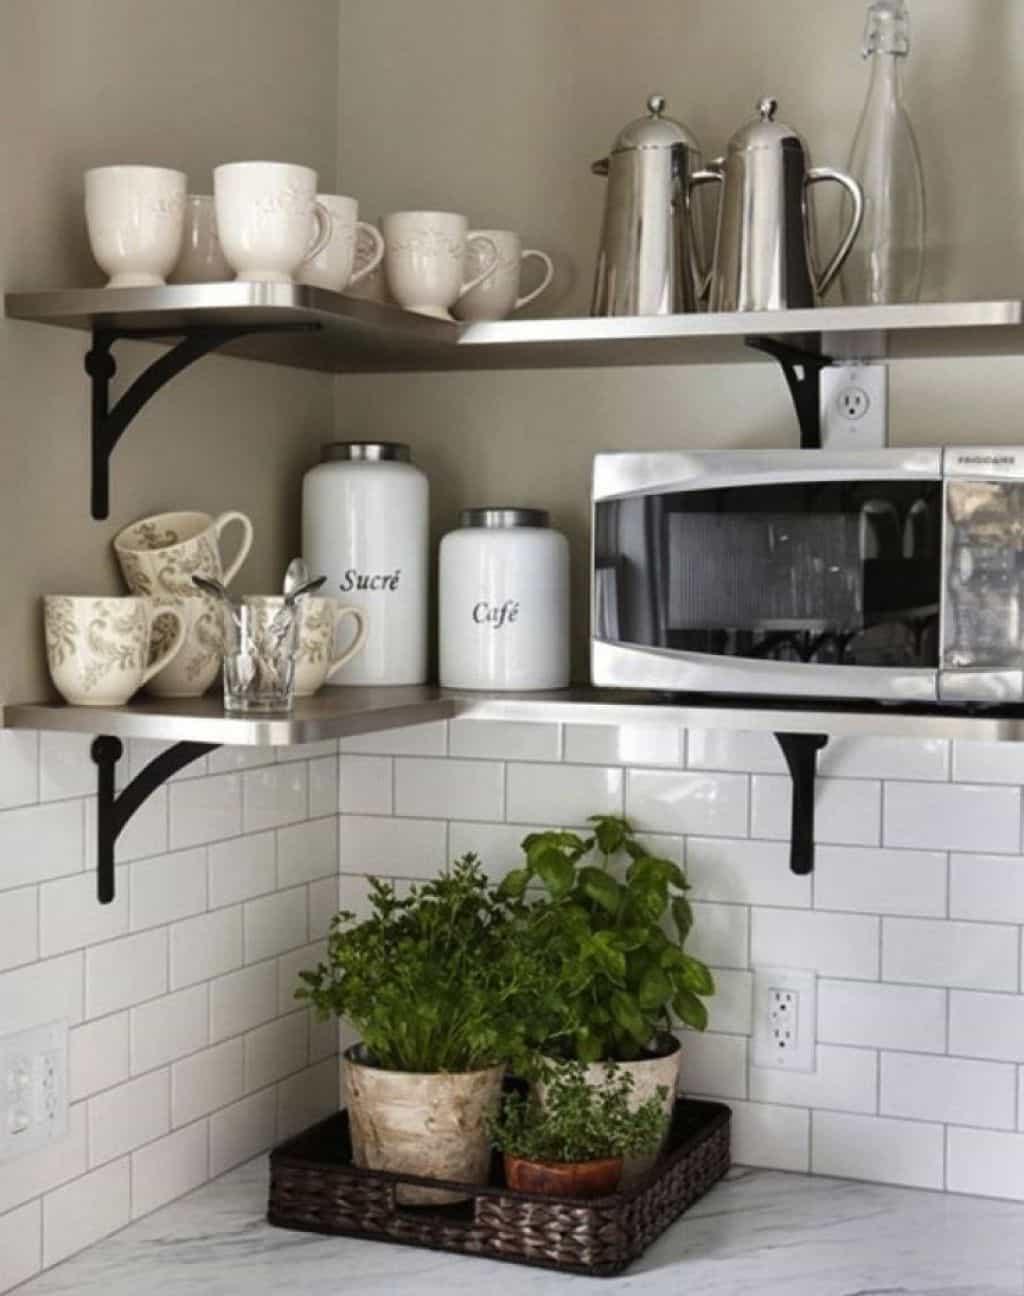 Полки на кухне вместо шкафов в интерьере: разъясняем основательно